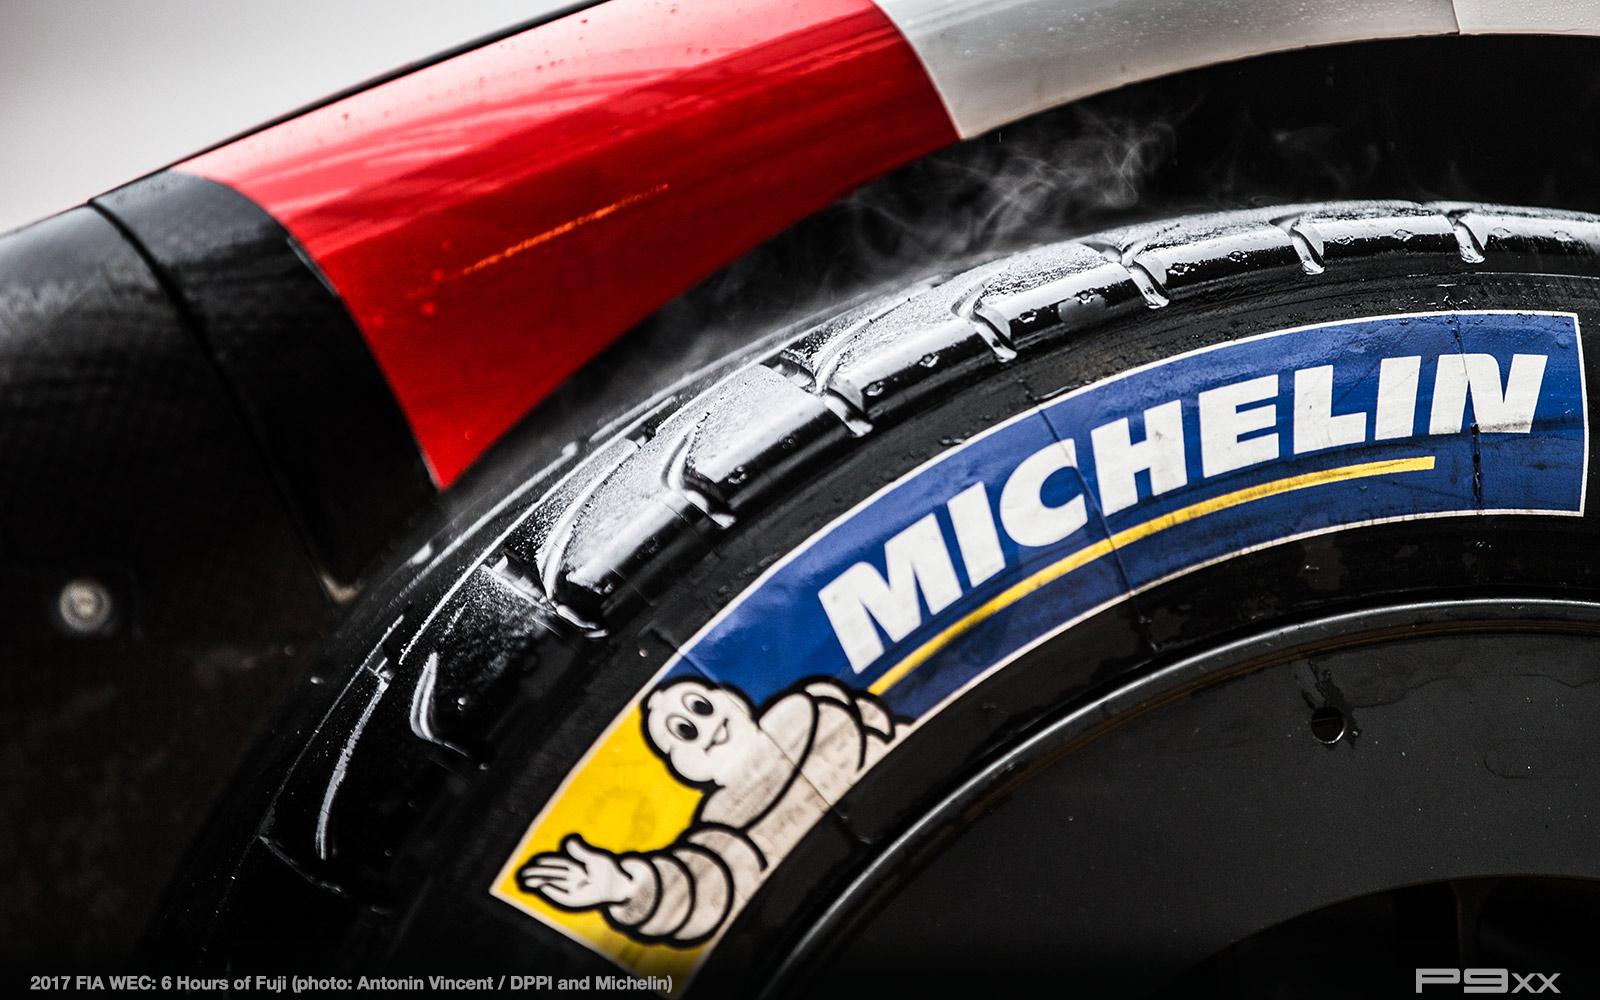 2017-FIA-WEC-6h-of-Fuji-Porsche-Fuji_02117011_1162301